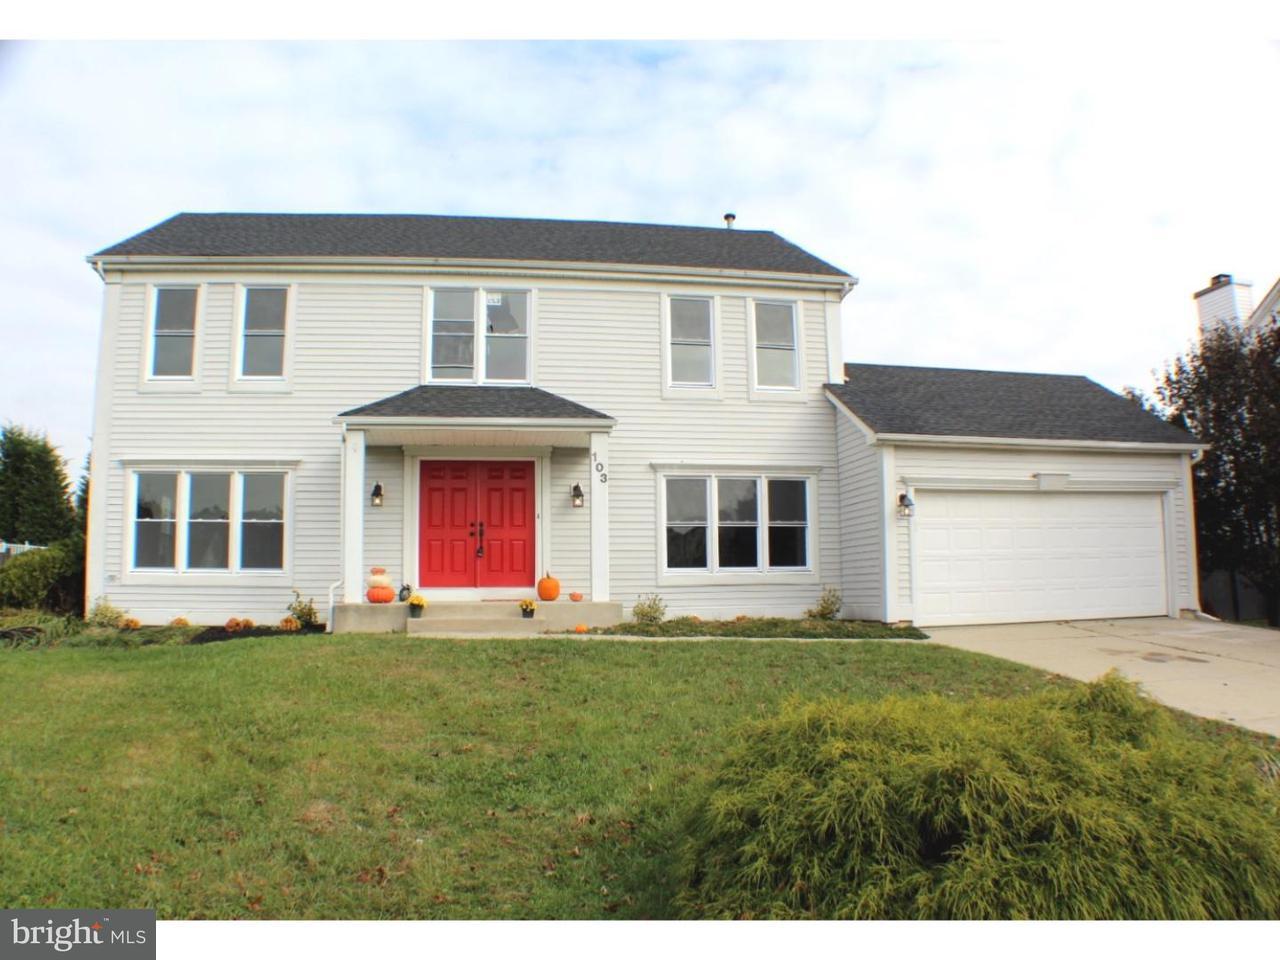 一戸建て のために 売買 アット 103 DESCHLER BLVD Clayton, ニュージャージー 08312 アメリカ合衆国